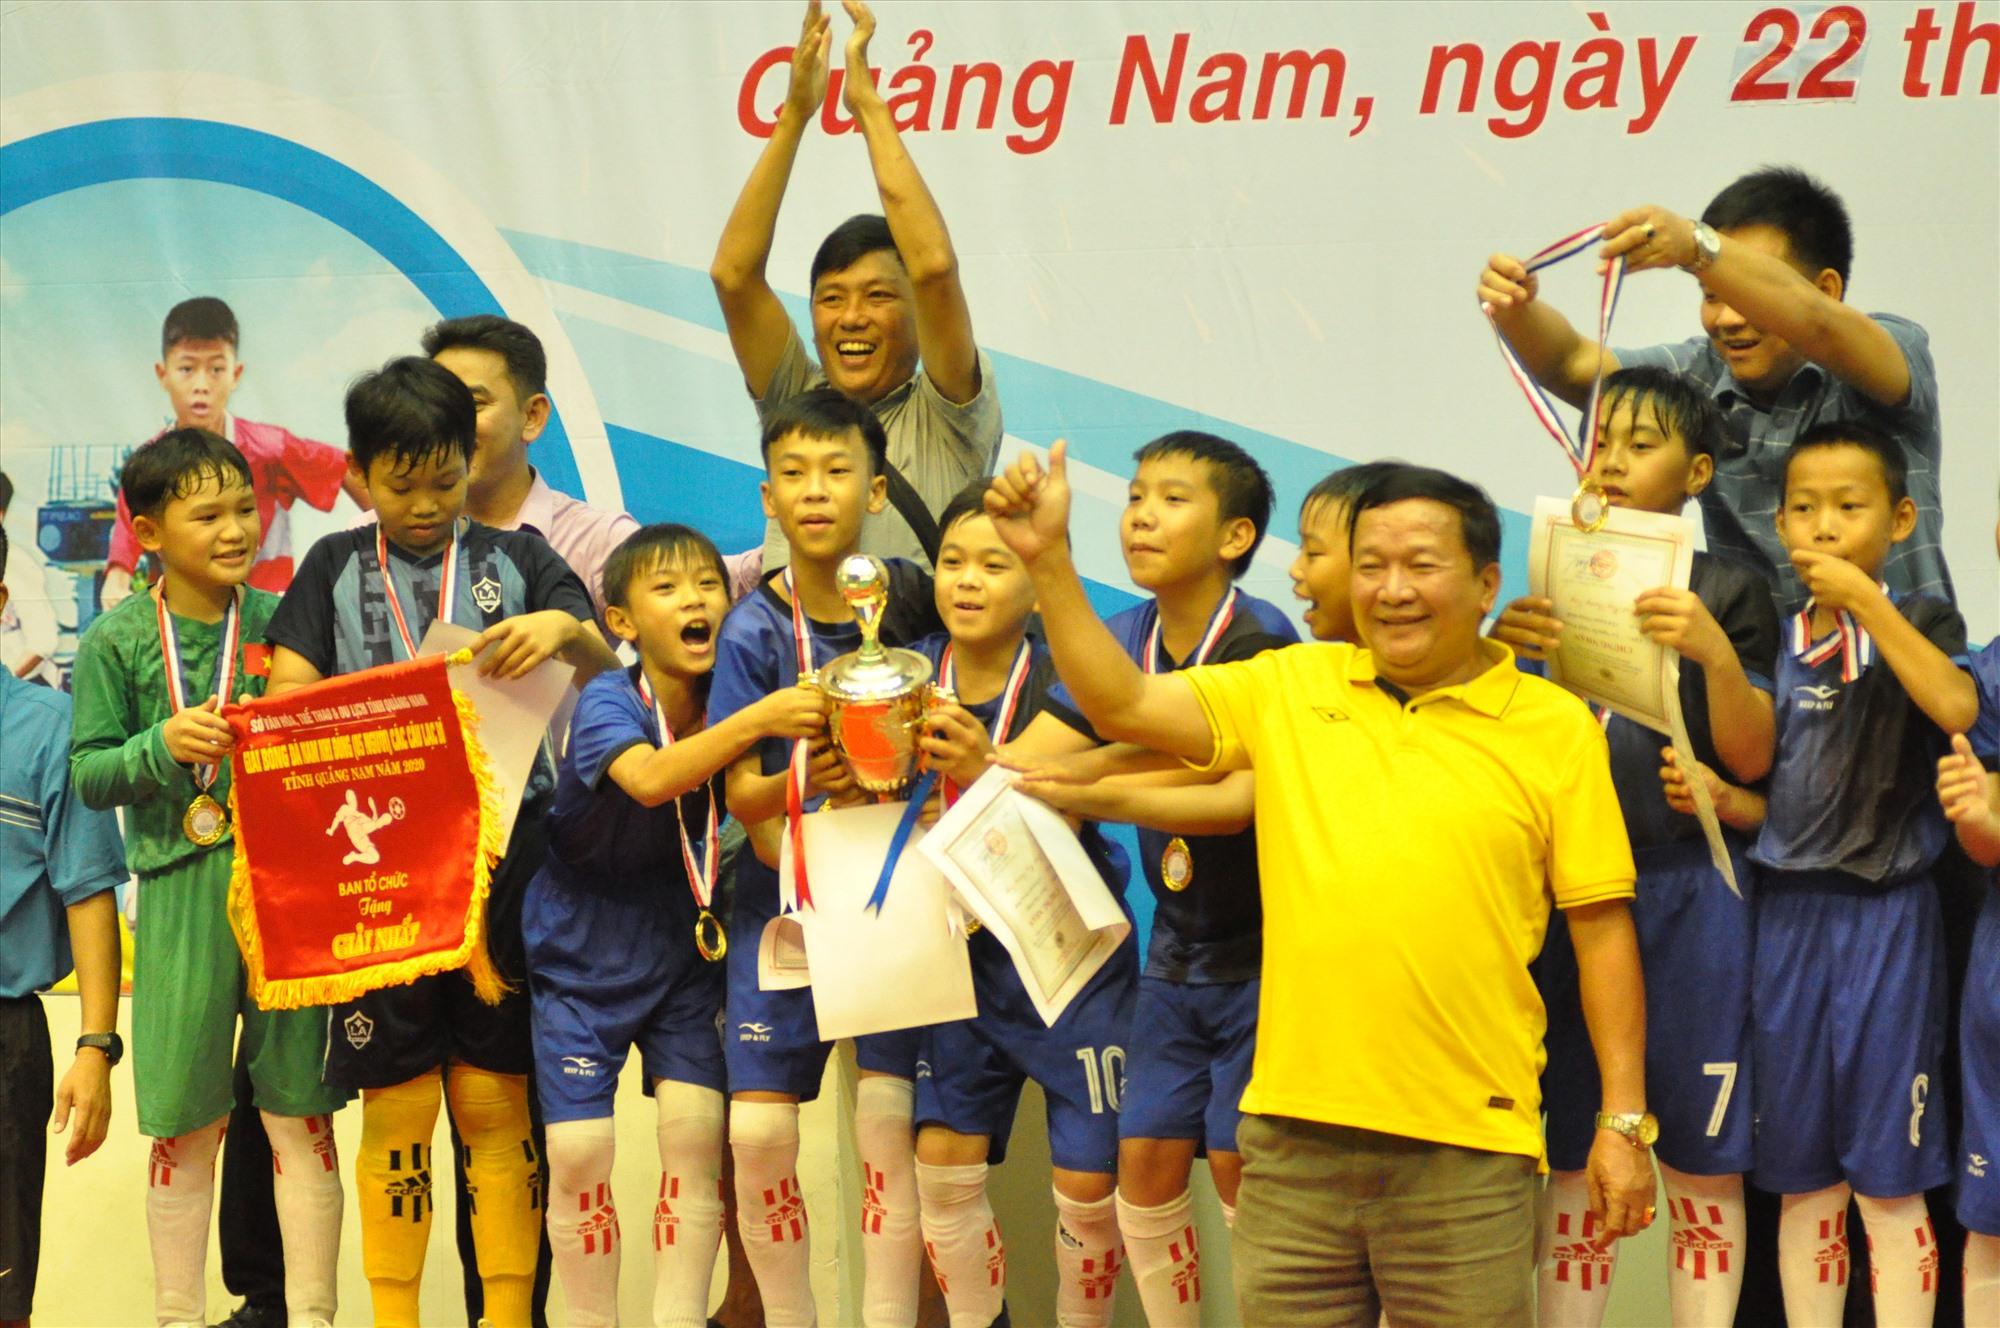 Niềm vui đoạt chức vô địch của lãnh đạo và các cầu thủ nhí Thăng Bình. Ảnh: X.P